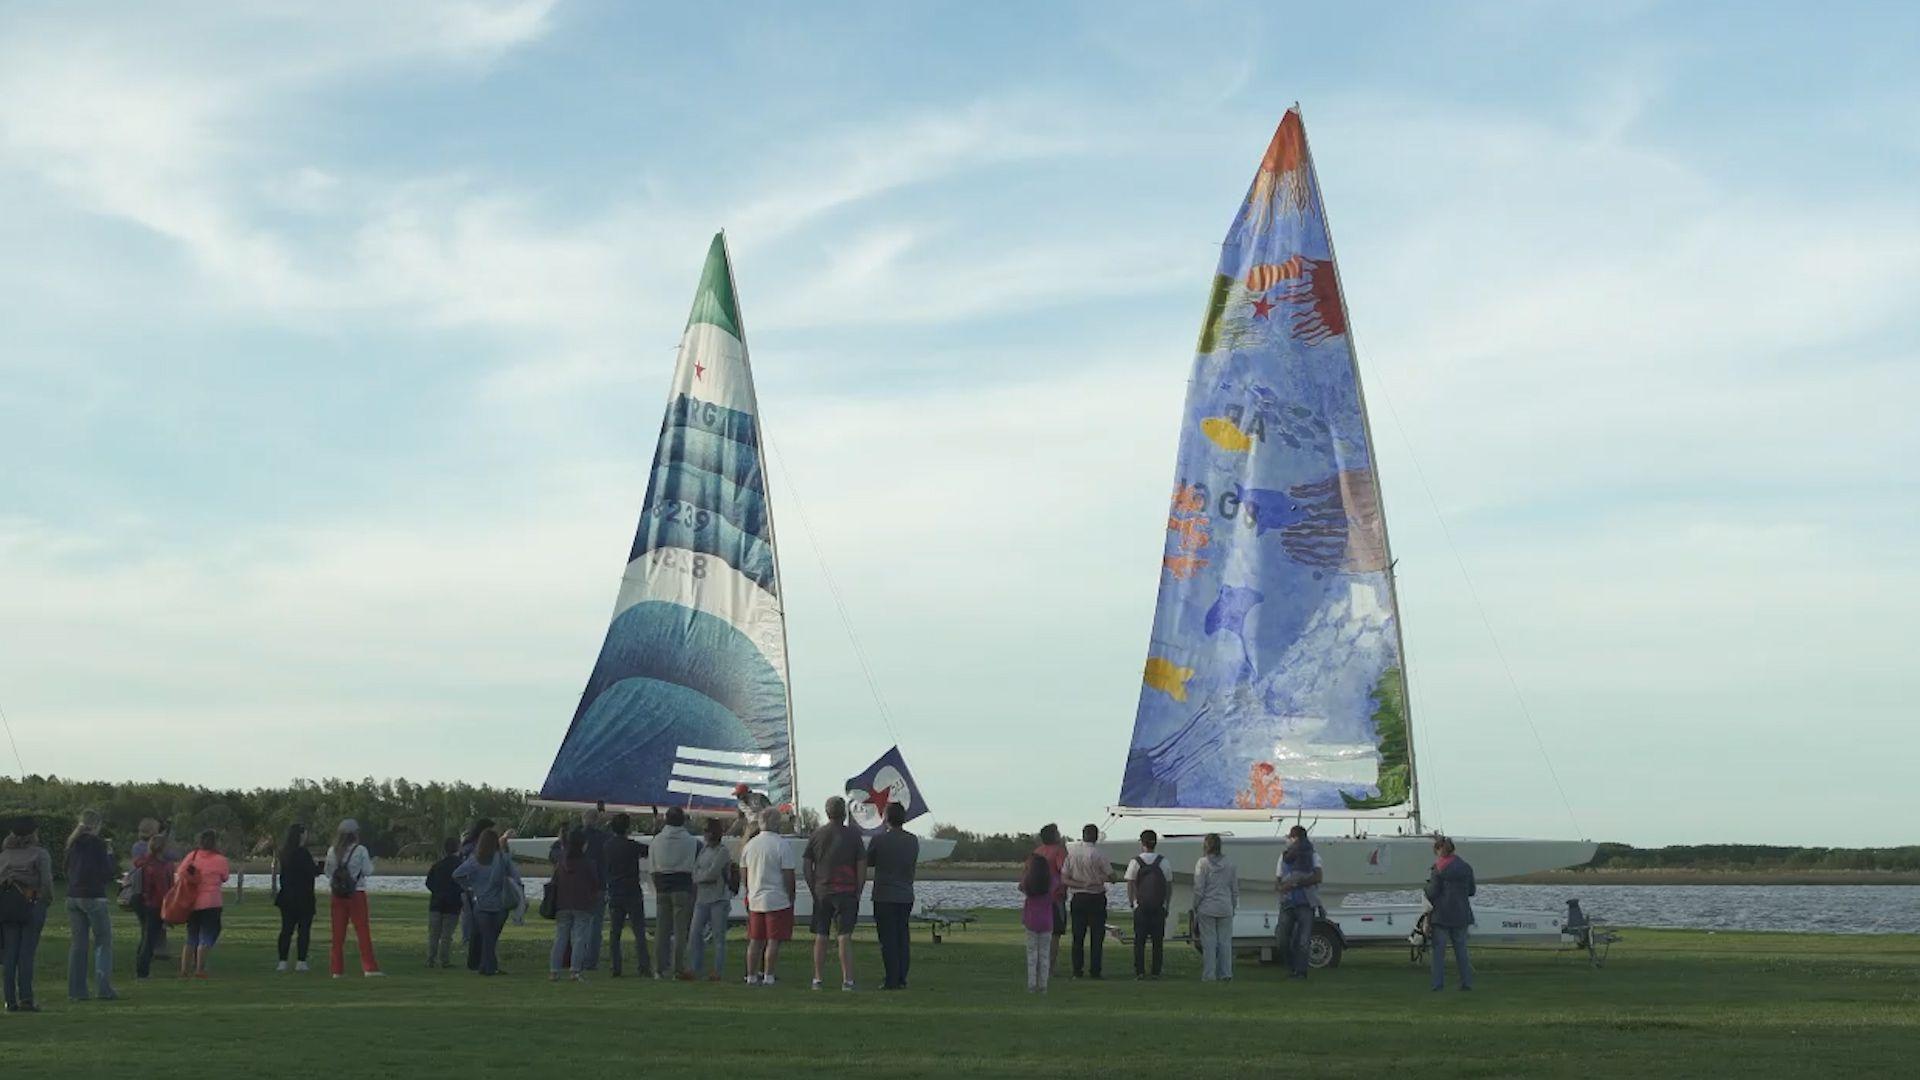 Sails & Art